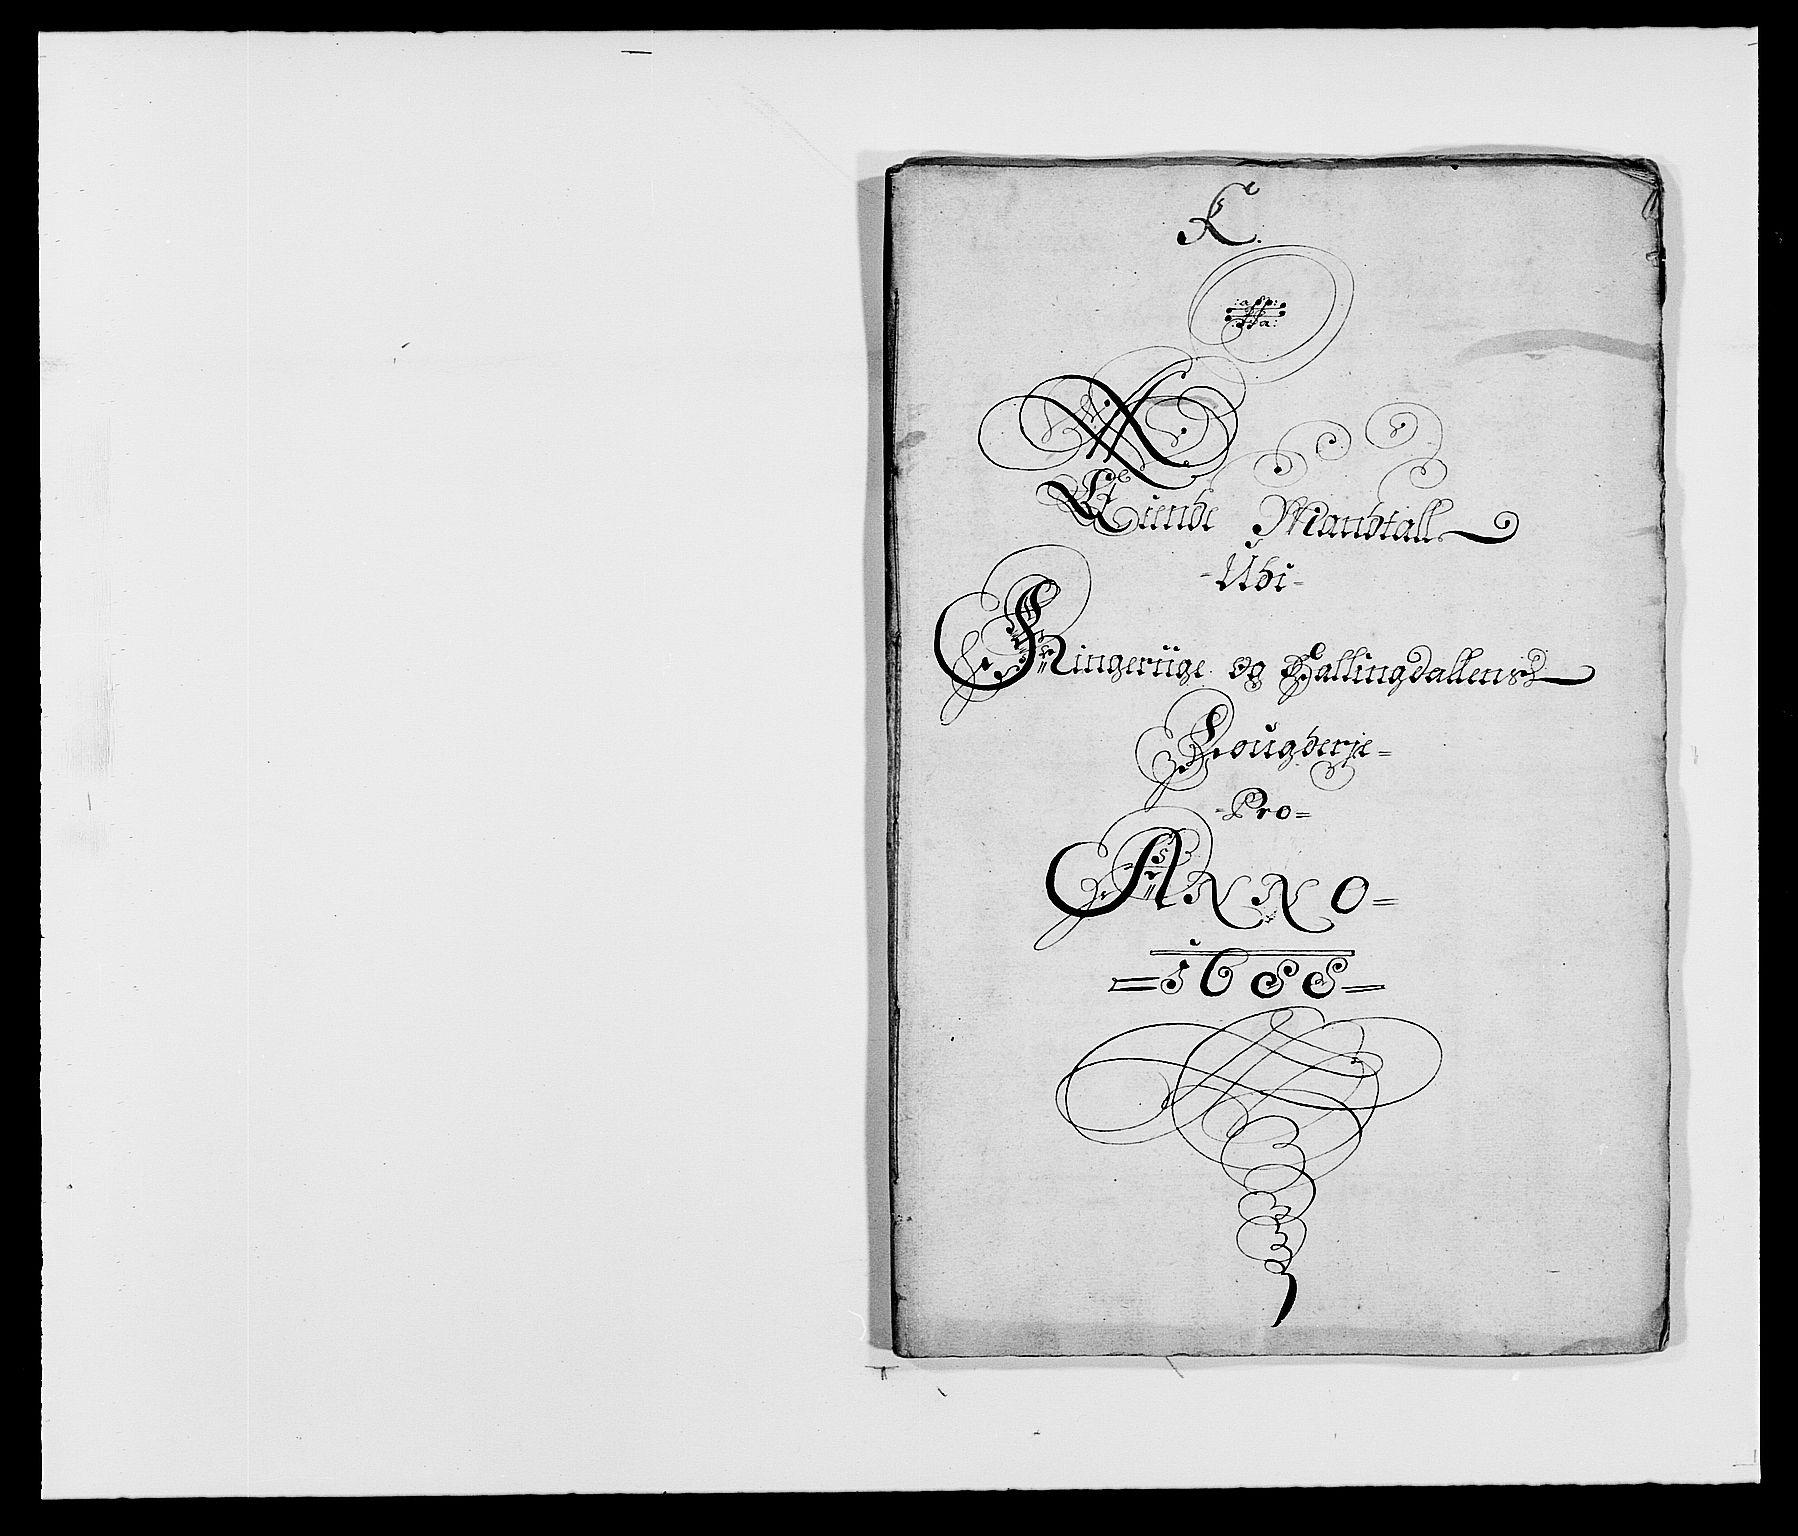 RA, Rentekammeret inntil 1814, Reviderte regnskaper, Fogderegnskap, R21/L1447: Fogderegnskap Ringerike og Hallingdal, 1687-1689, s. 215